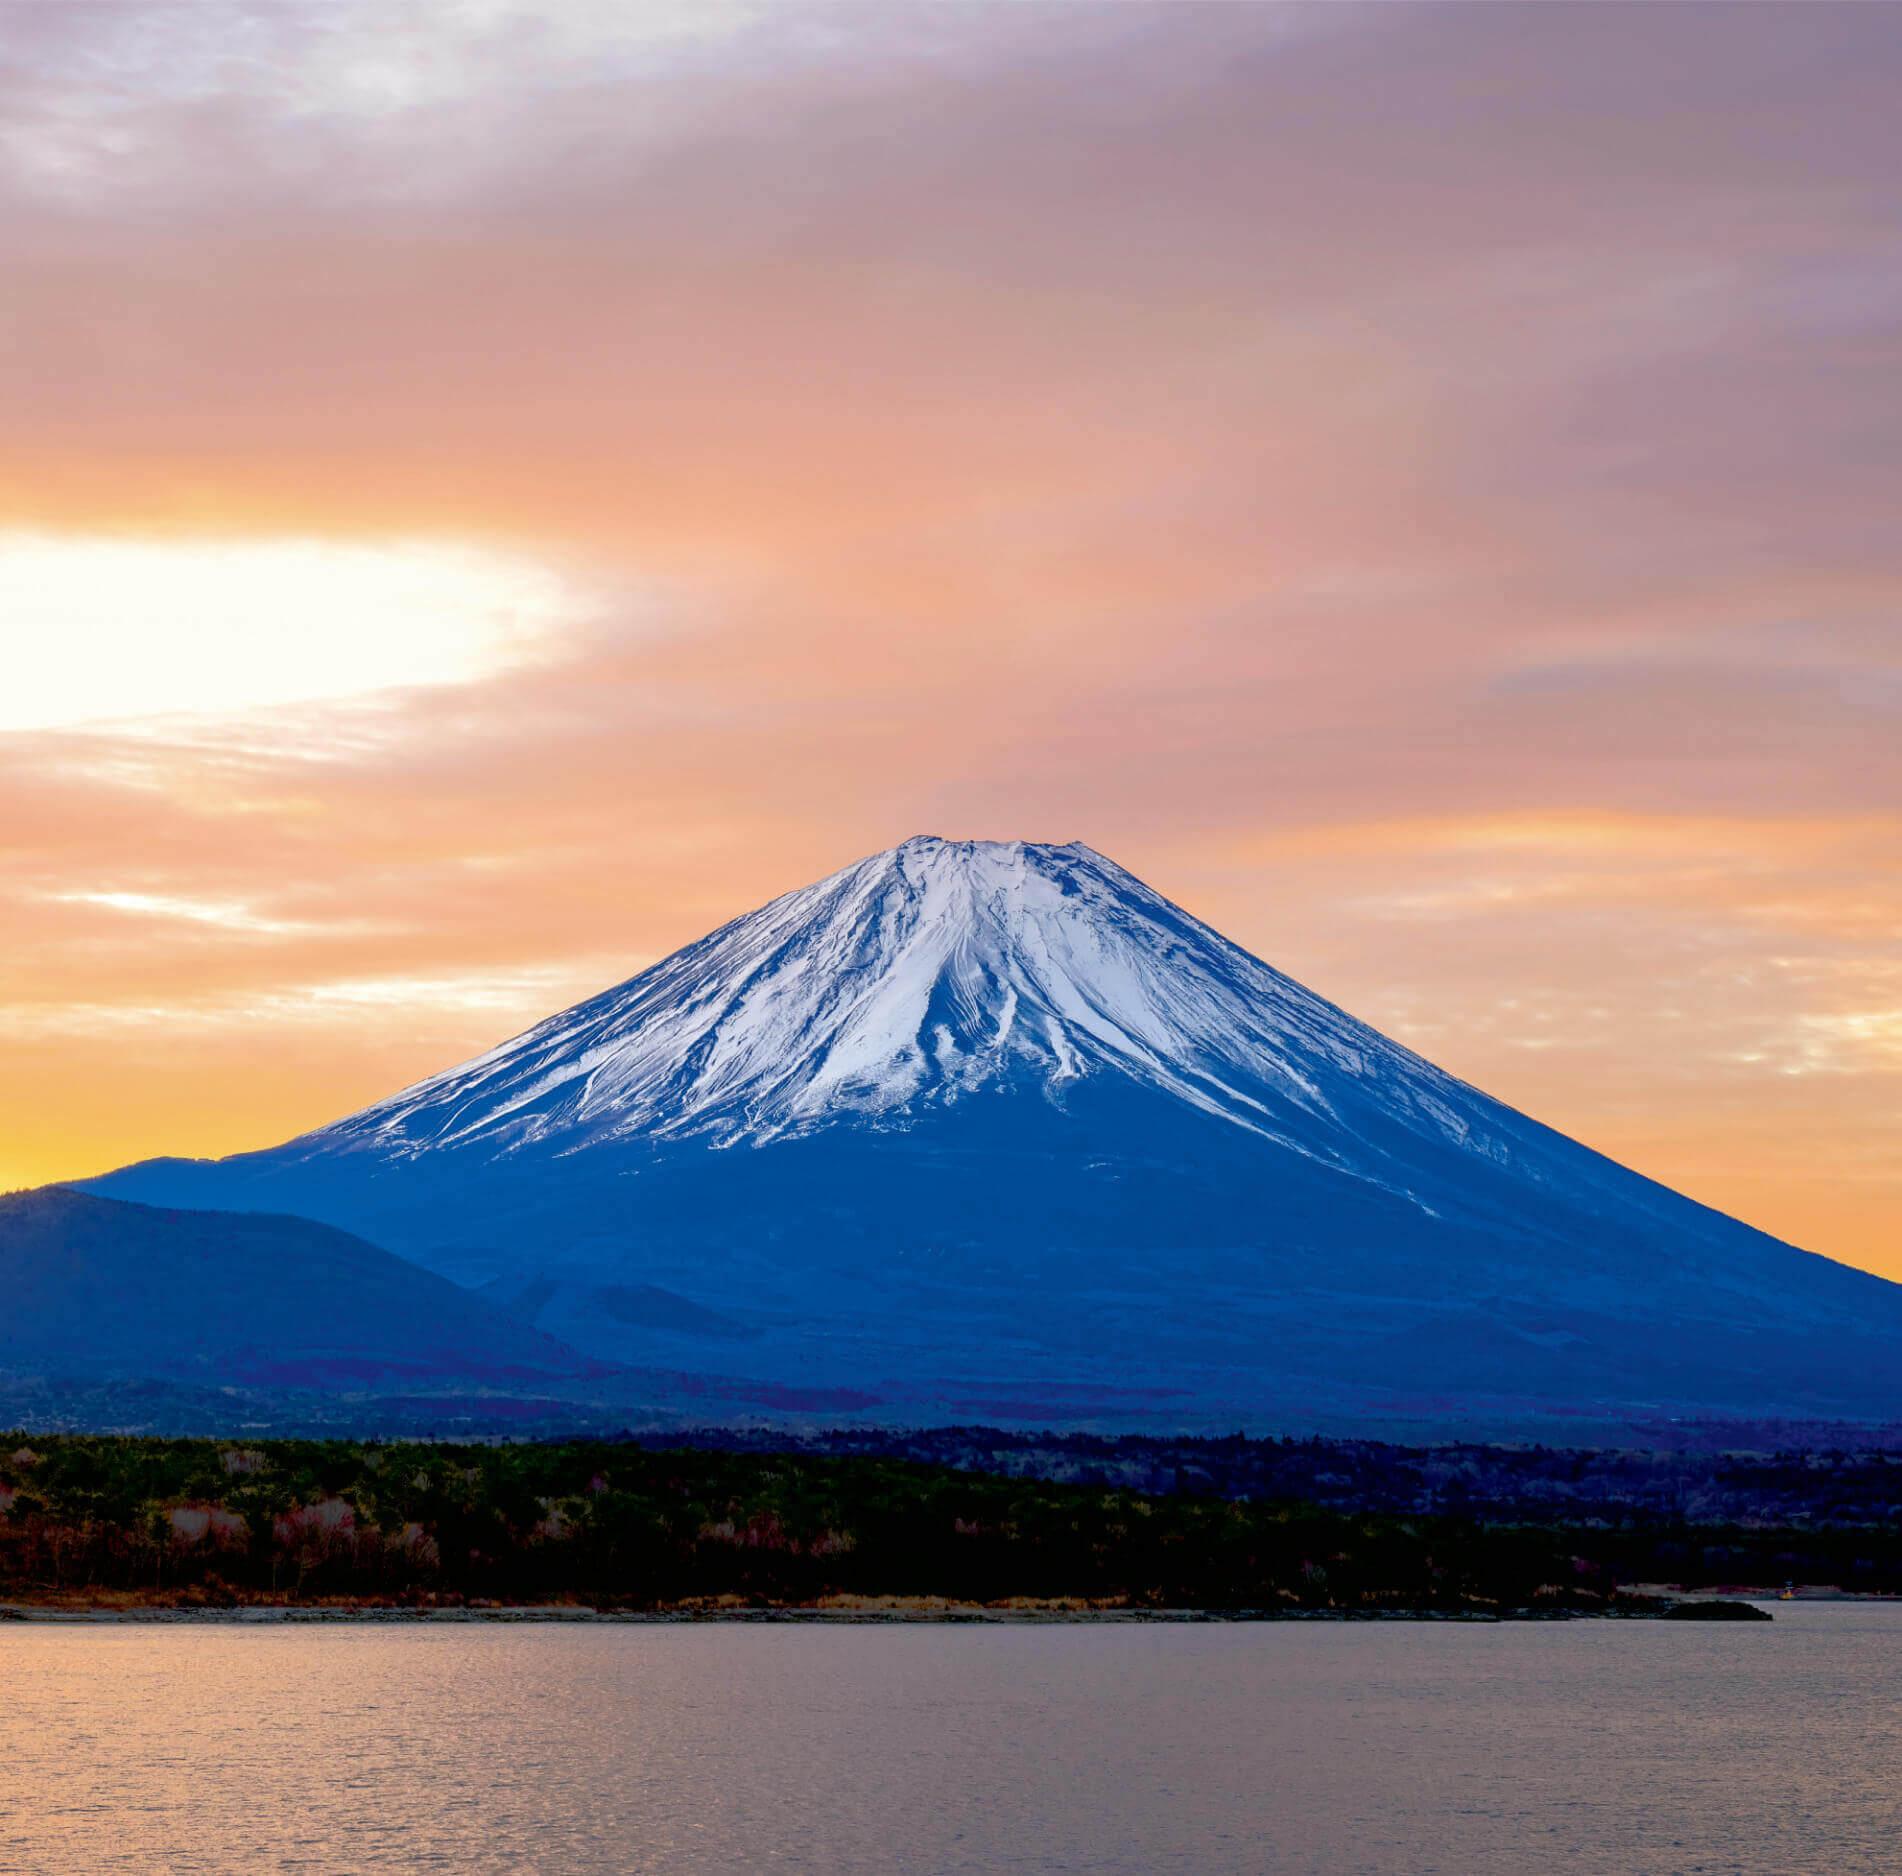 1-2月 本栖湖と富士山(山梨) 富士山(フィルムカレンダー) 2022年カレンダーの画像